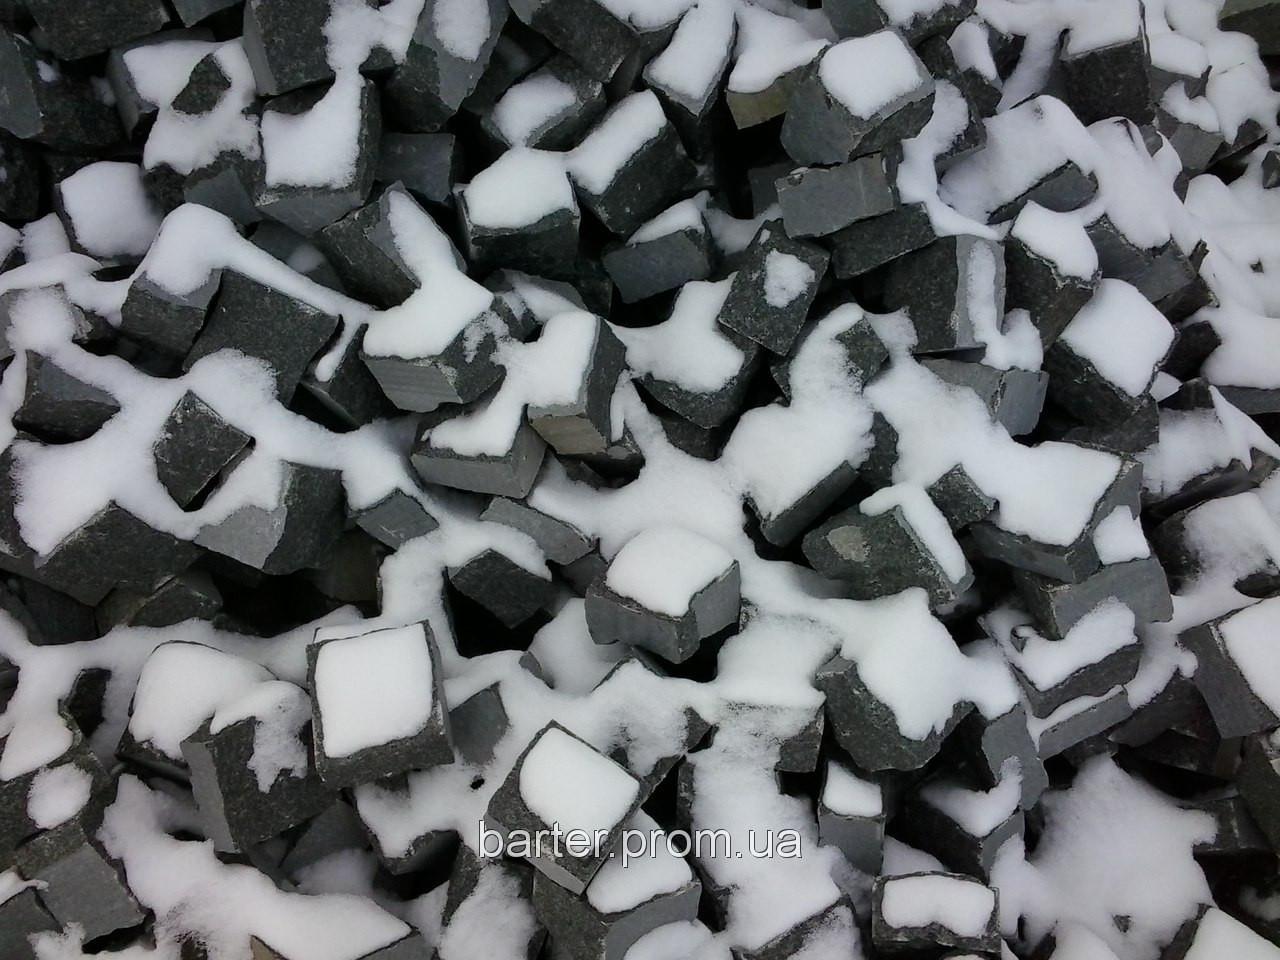 Производство брусчатки гранитной колотой